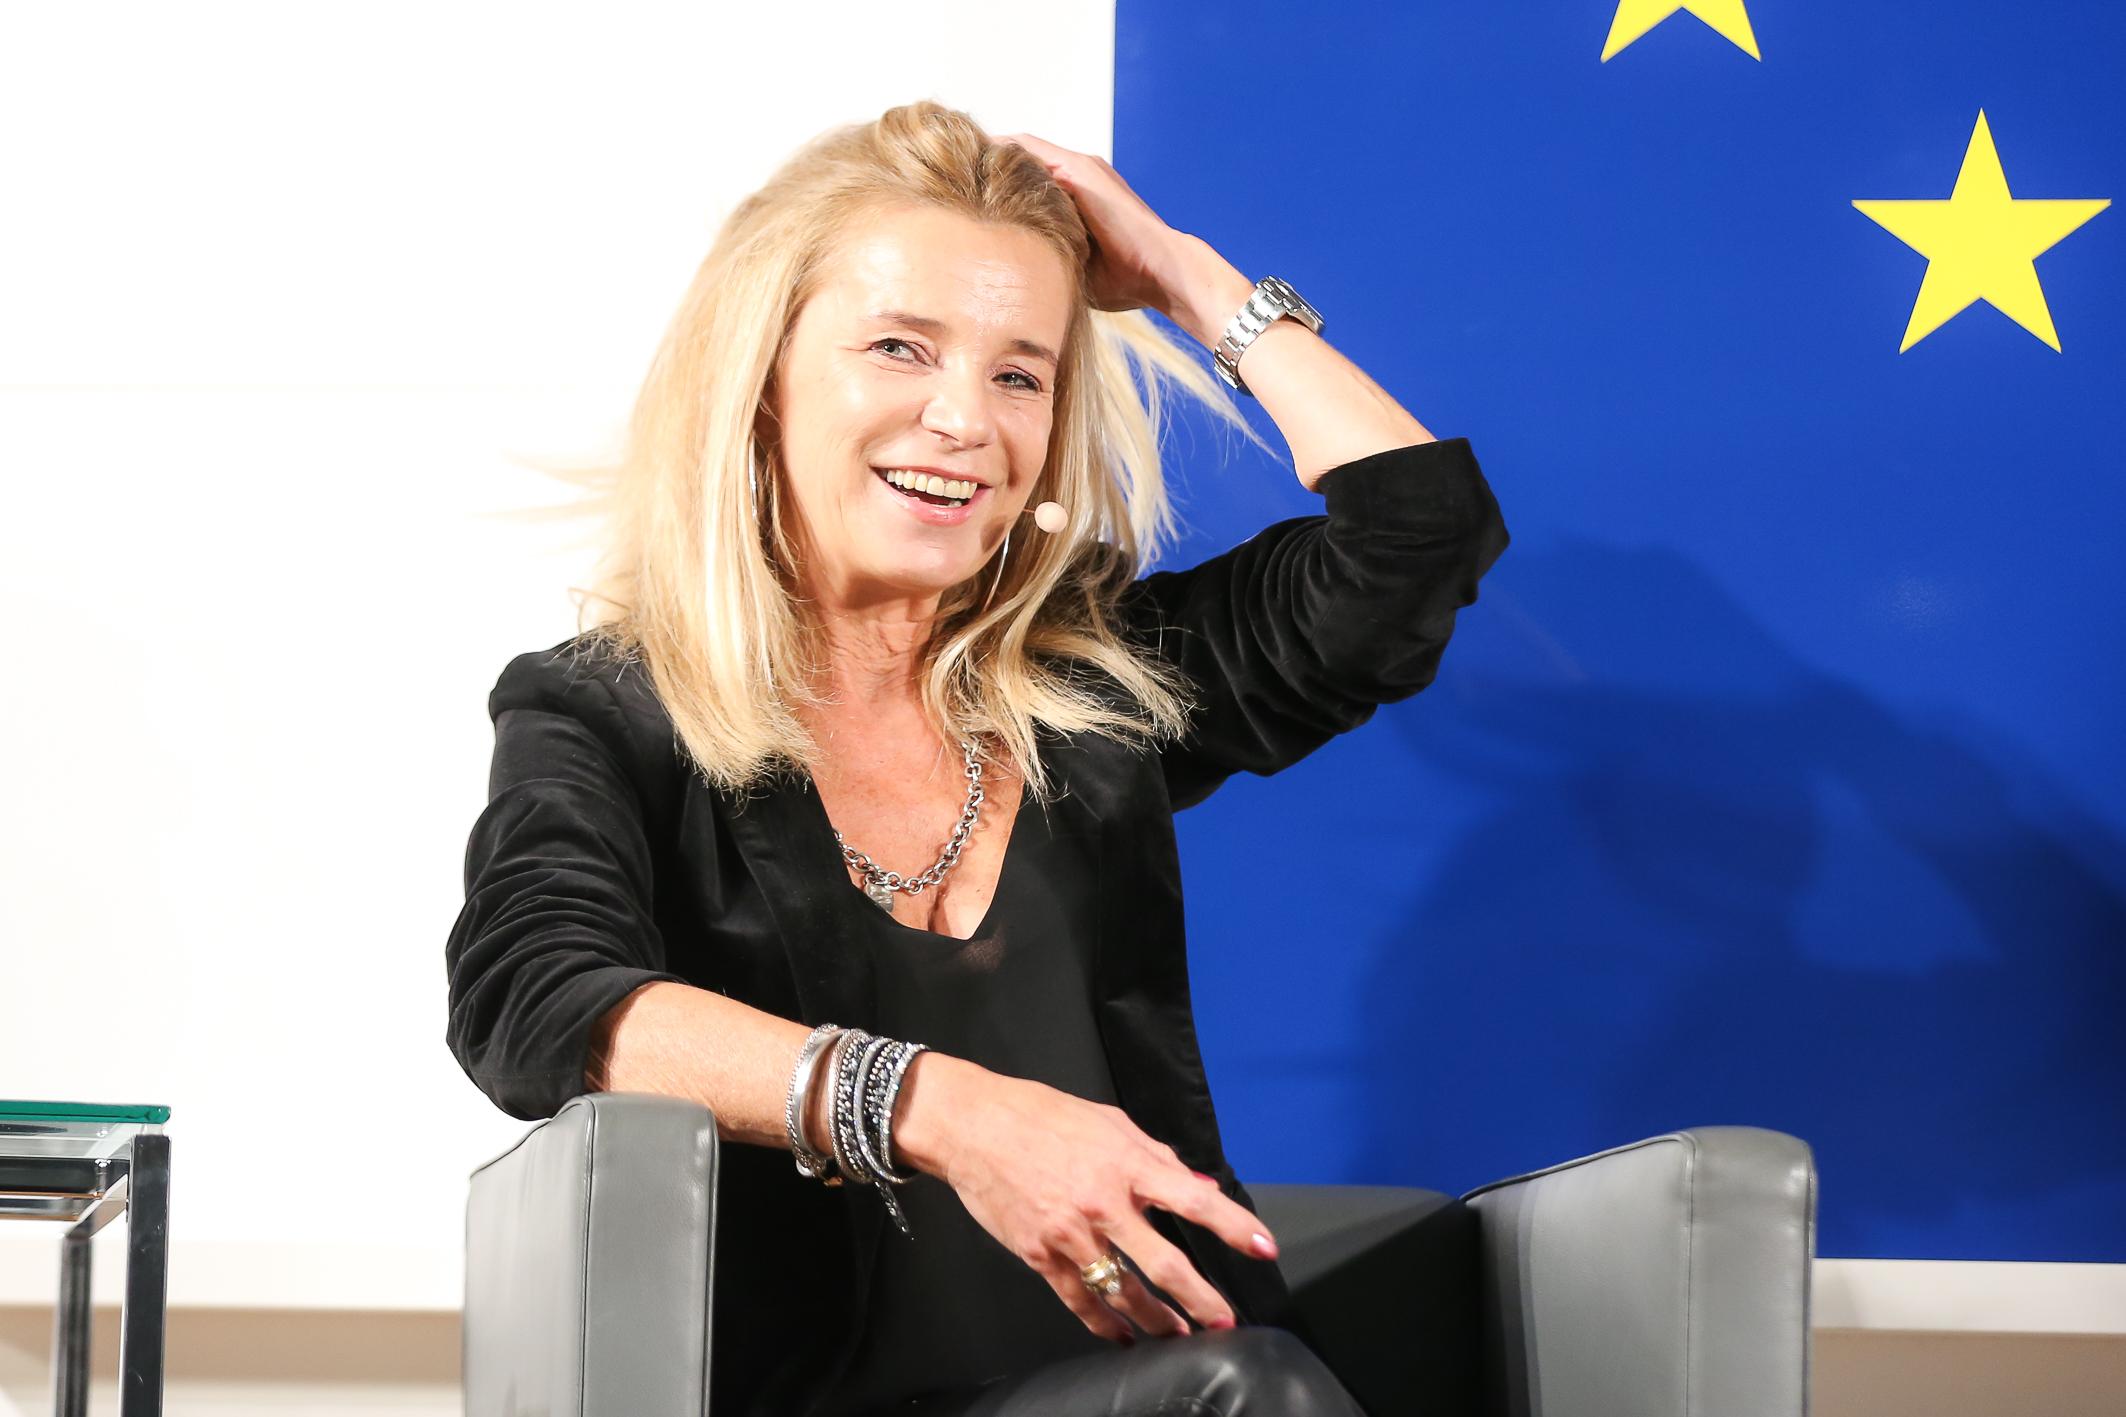 europadialog_eva-twaroch_a11_5842__credit_moni-fellner